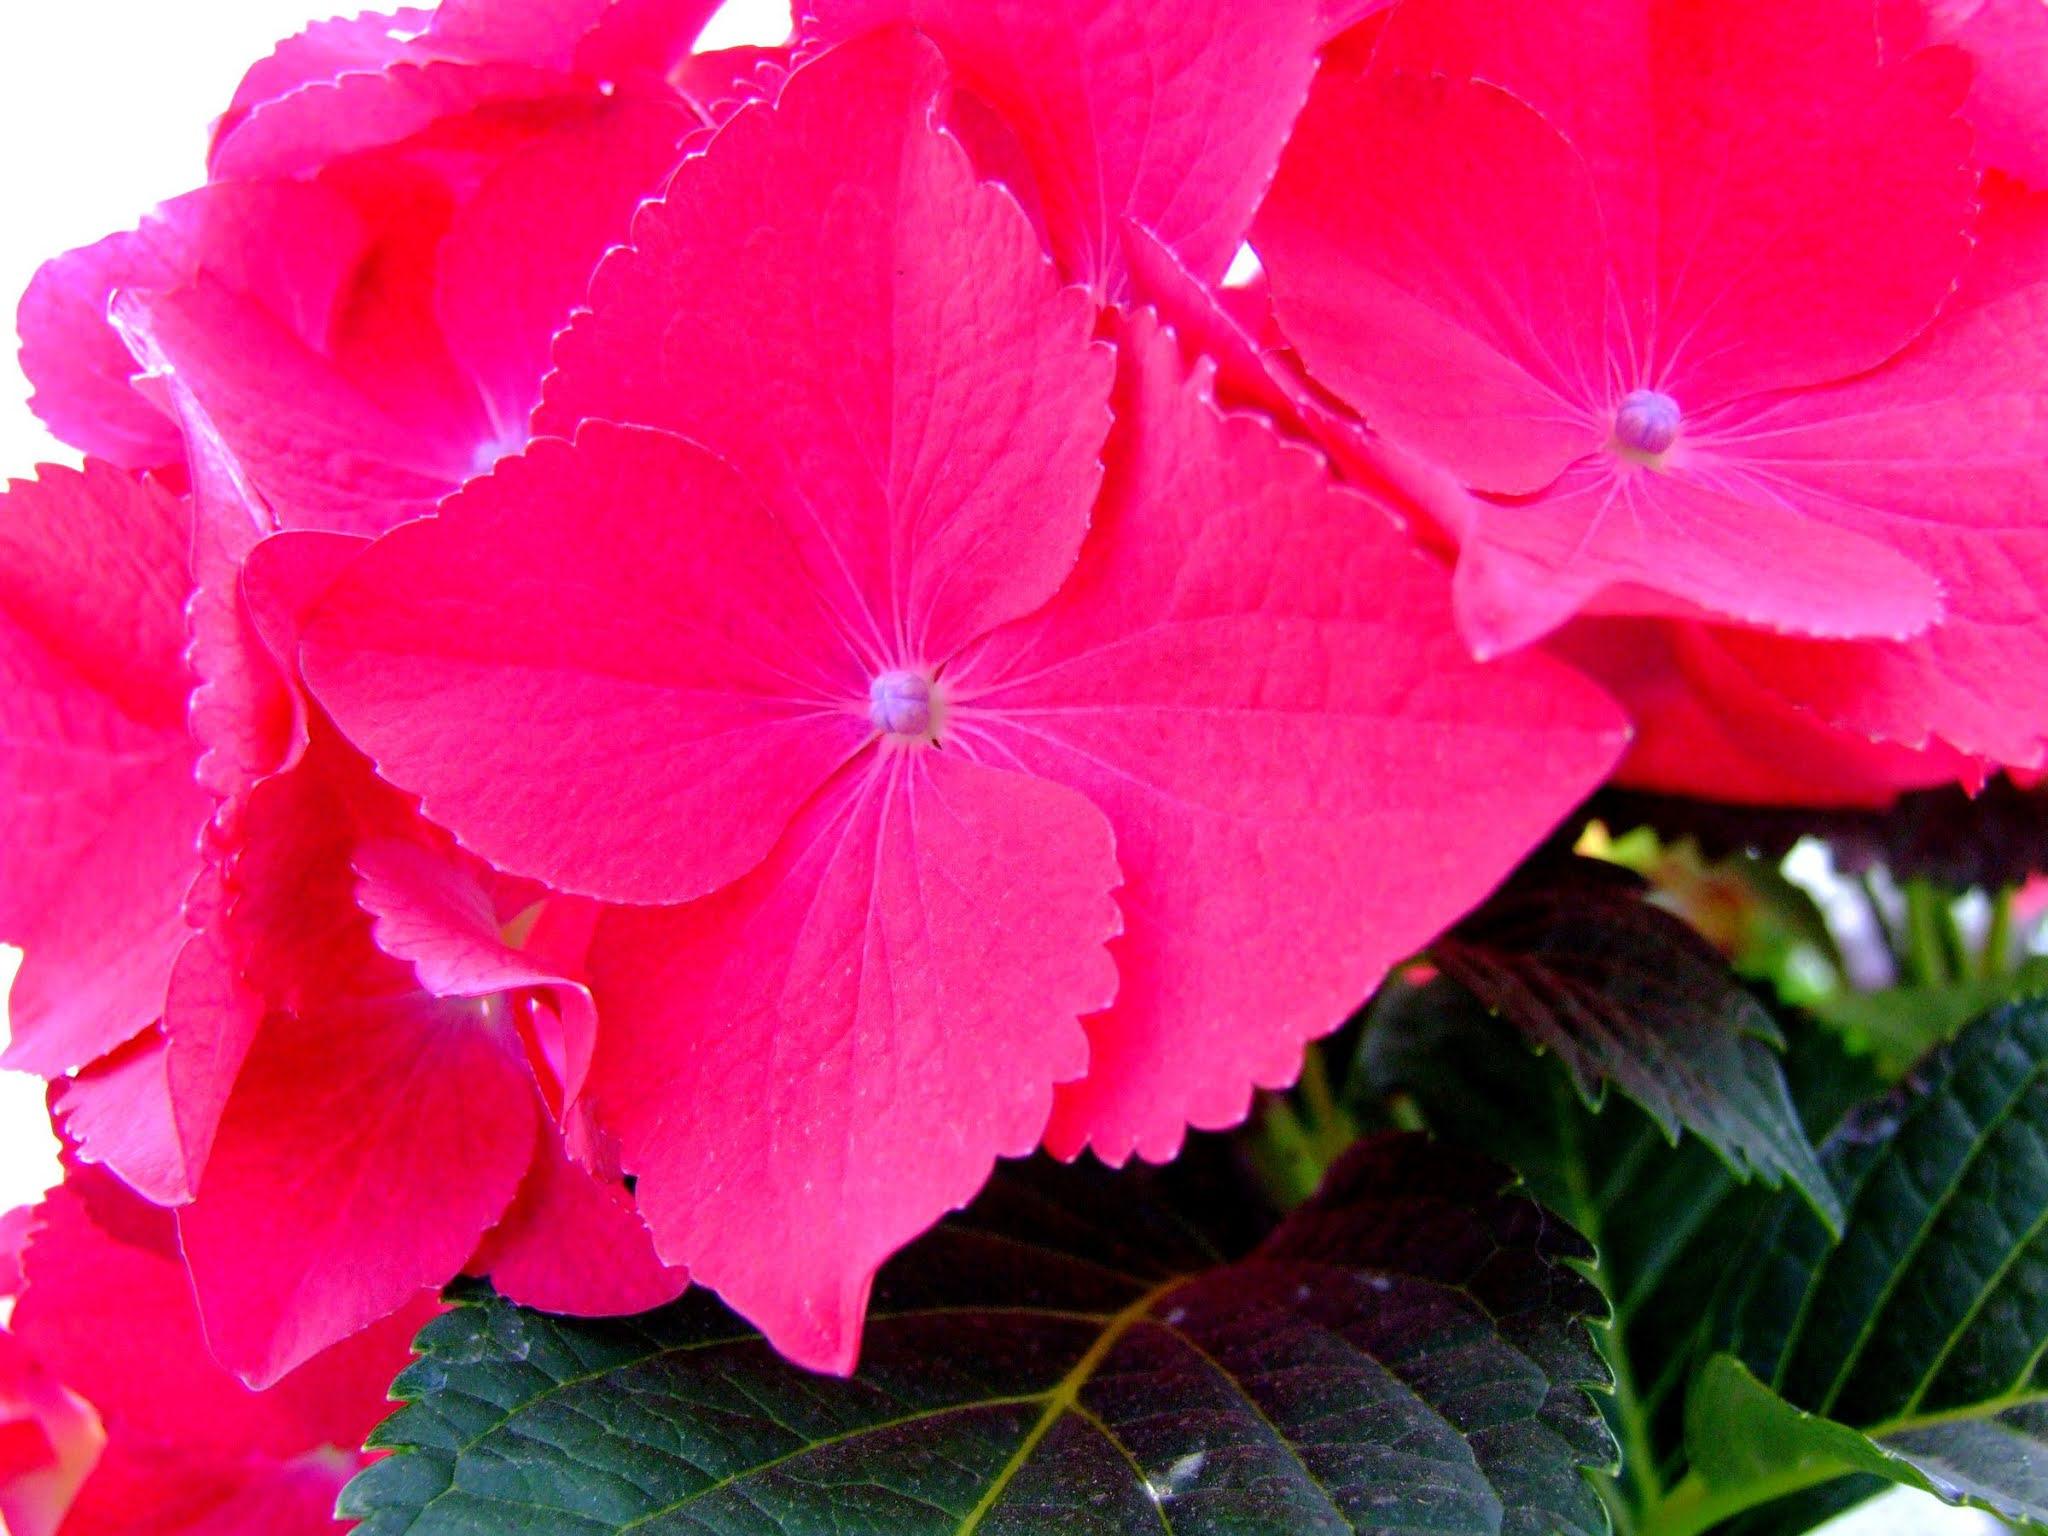 マゼンダ系の濃いピンクが鮮やかなアジサイのドアップの写真素材です。とても派手な印象です。梅雨の時期のブログ記事などにどうぞ。